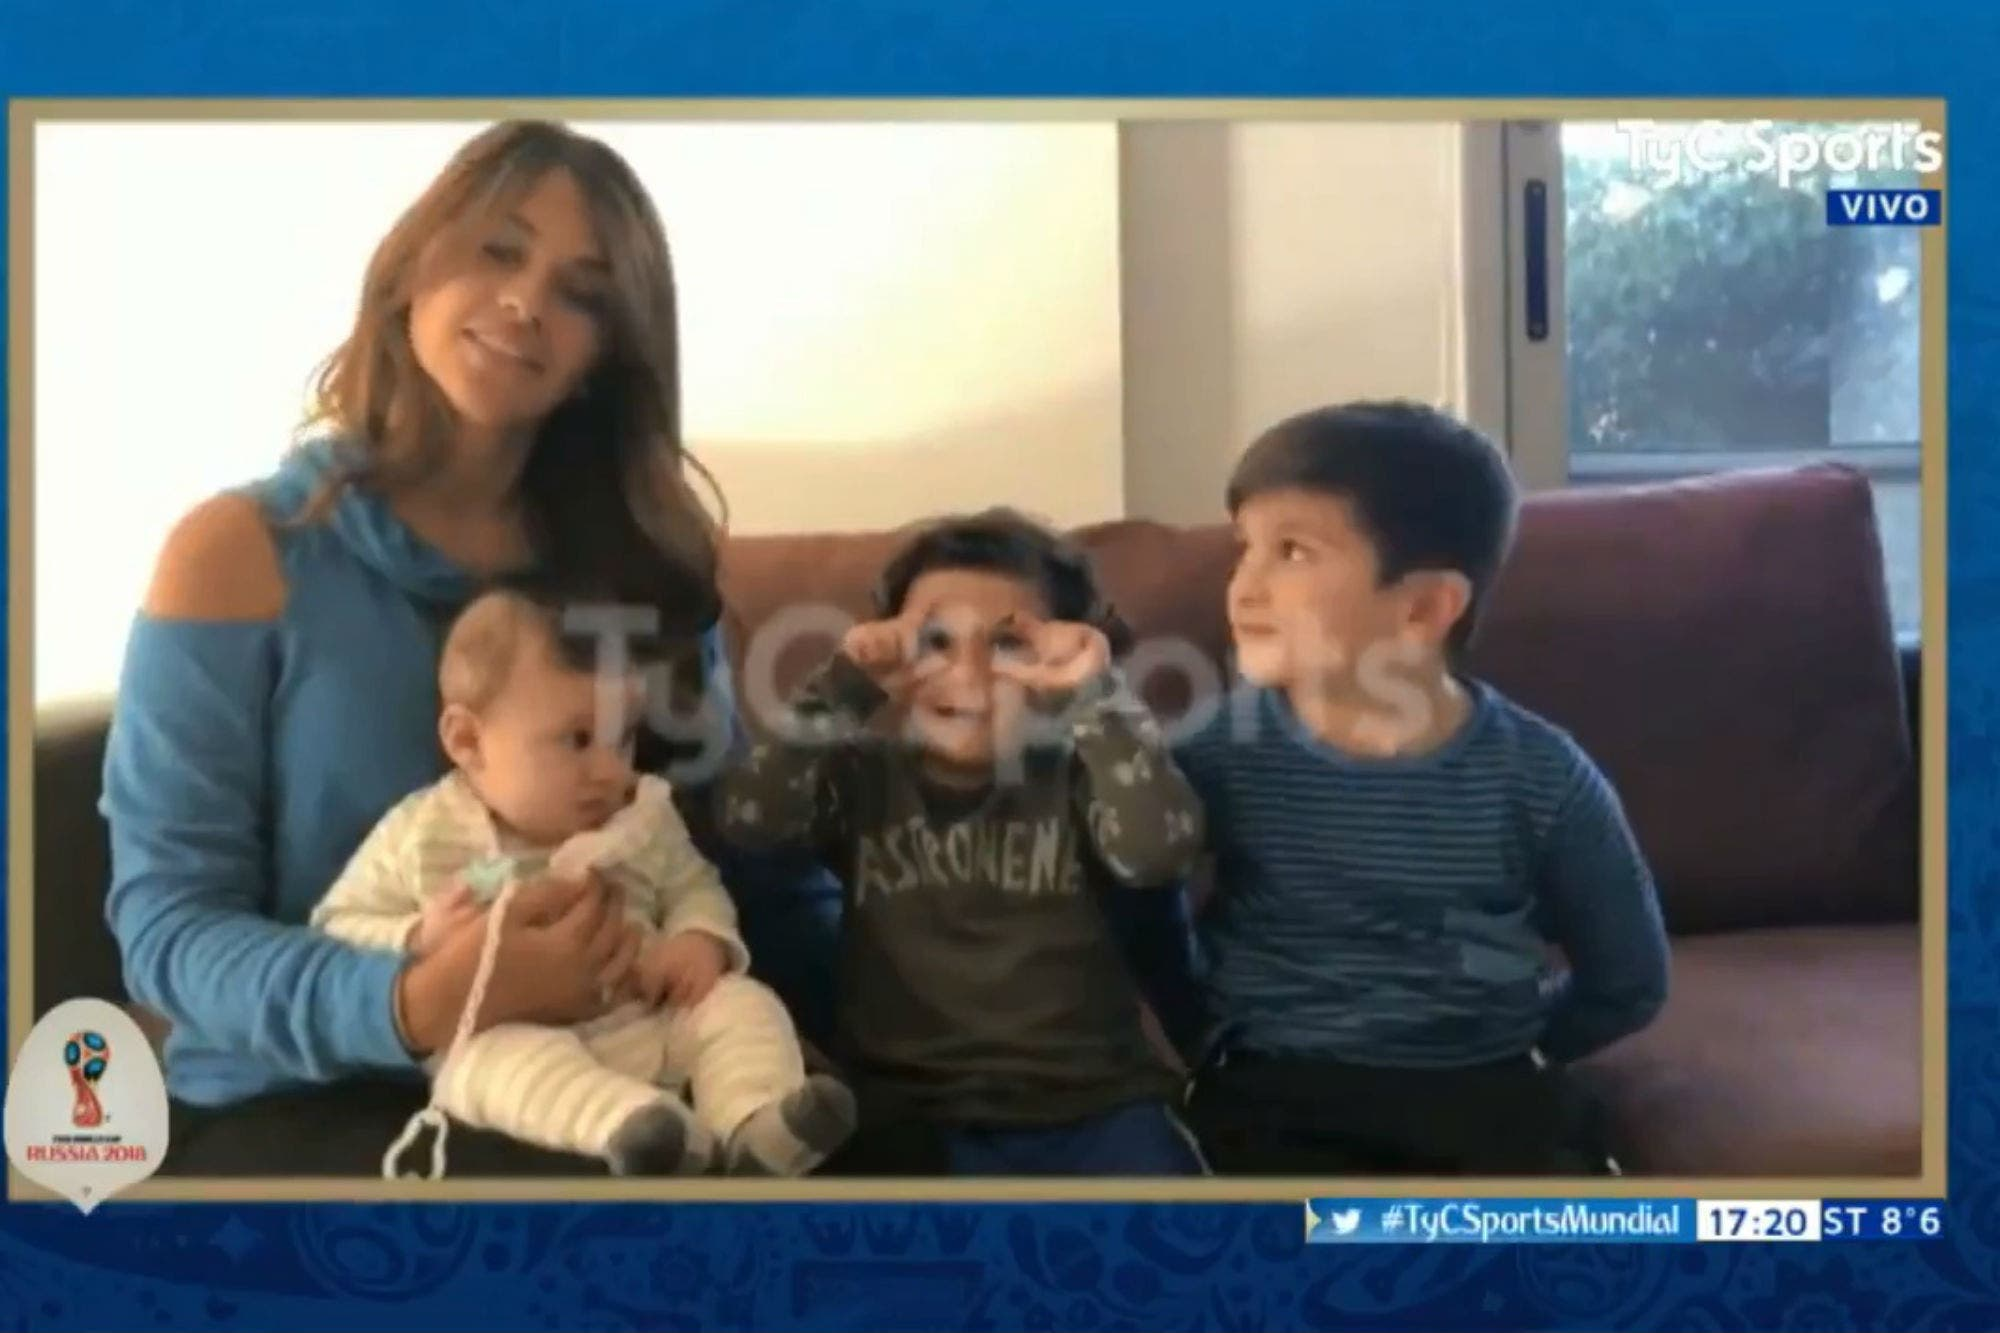 Mundial Rusia 2018: el video familiar que recibió Lionel Messi por su cumpleaños